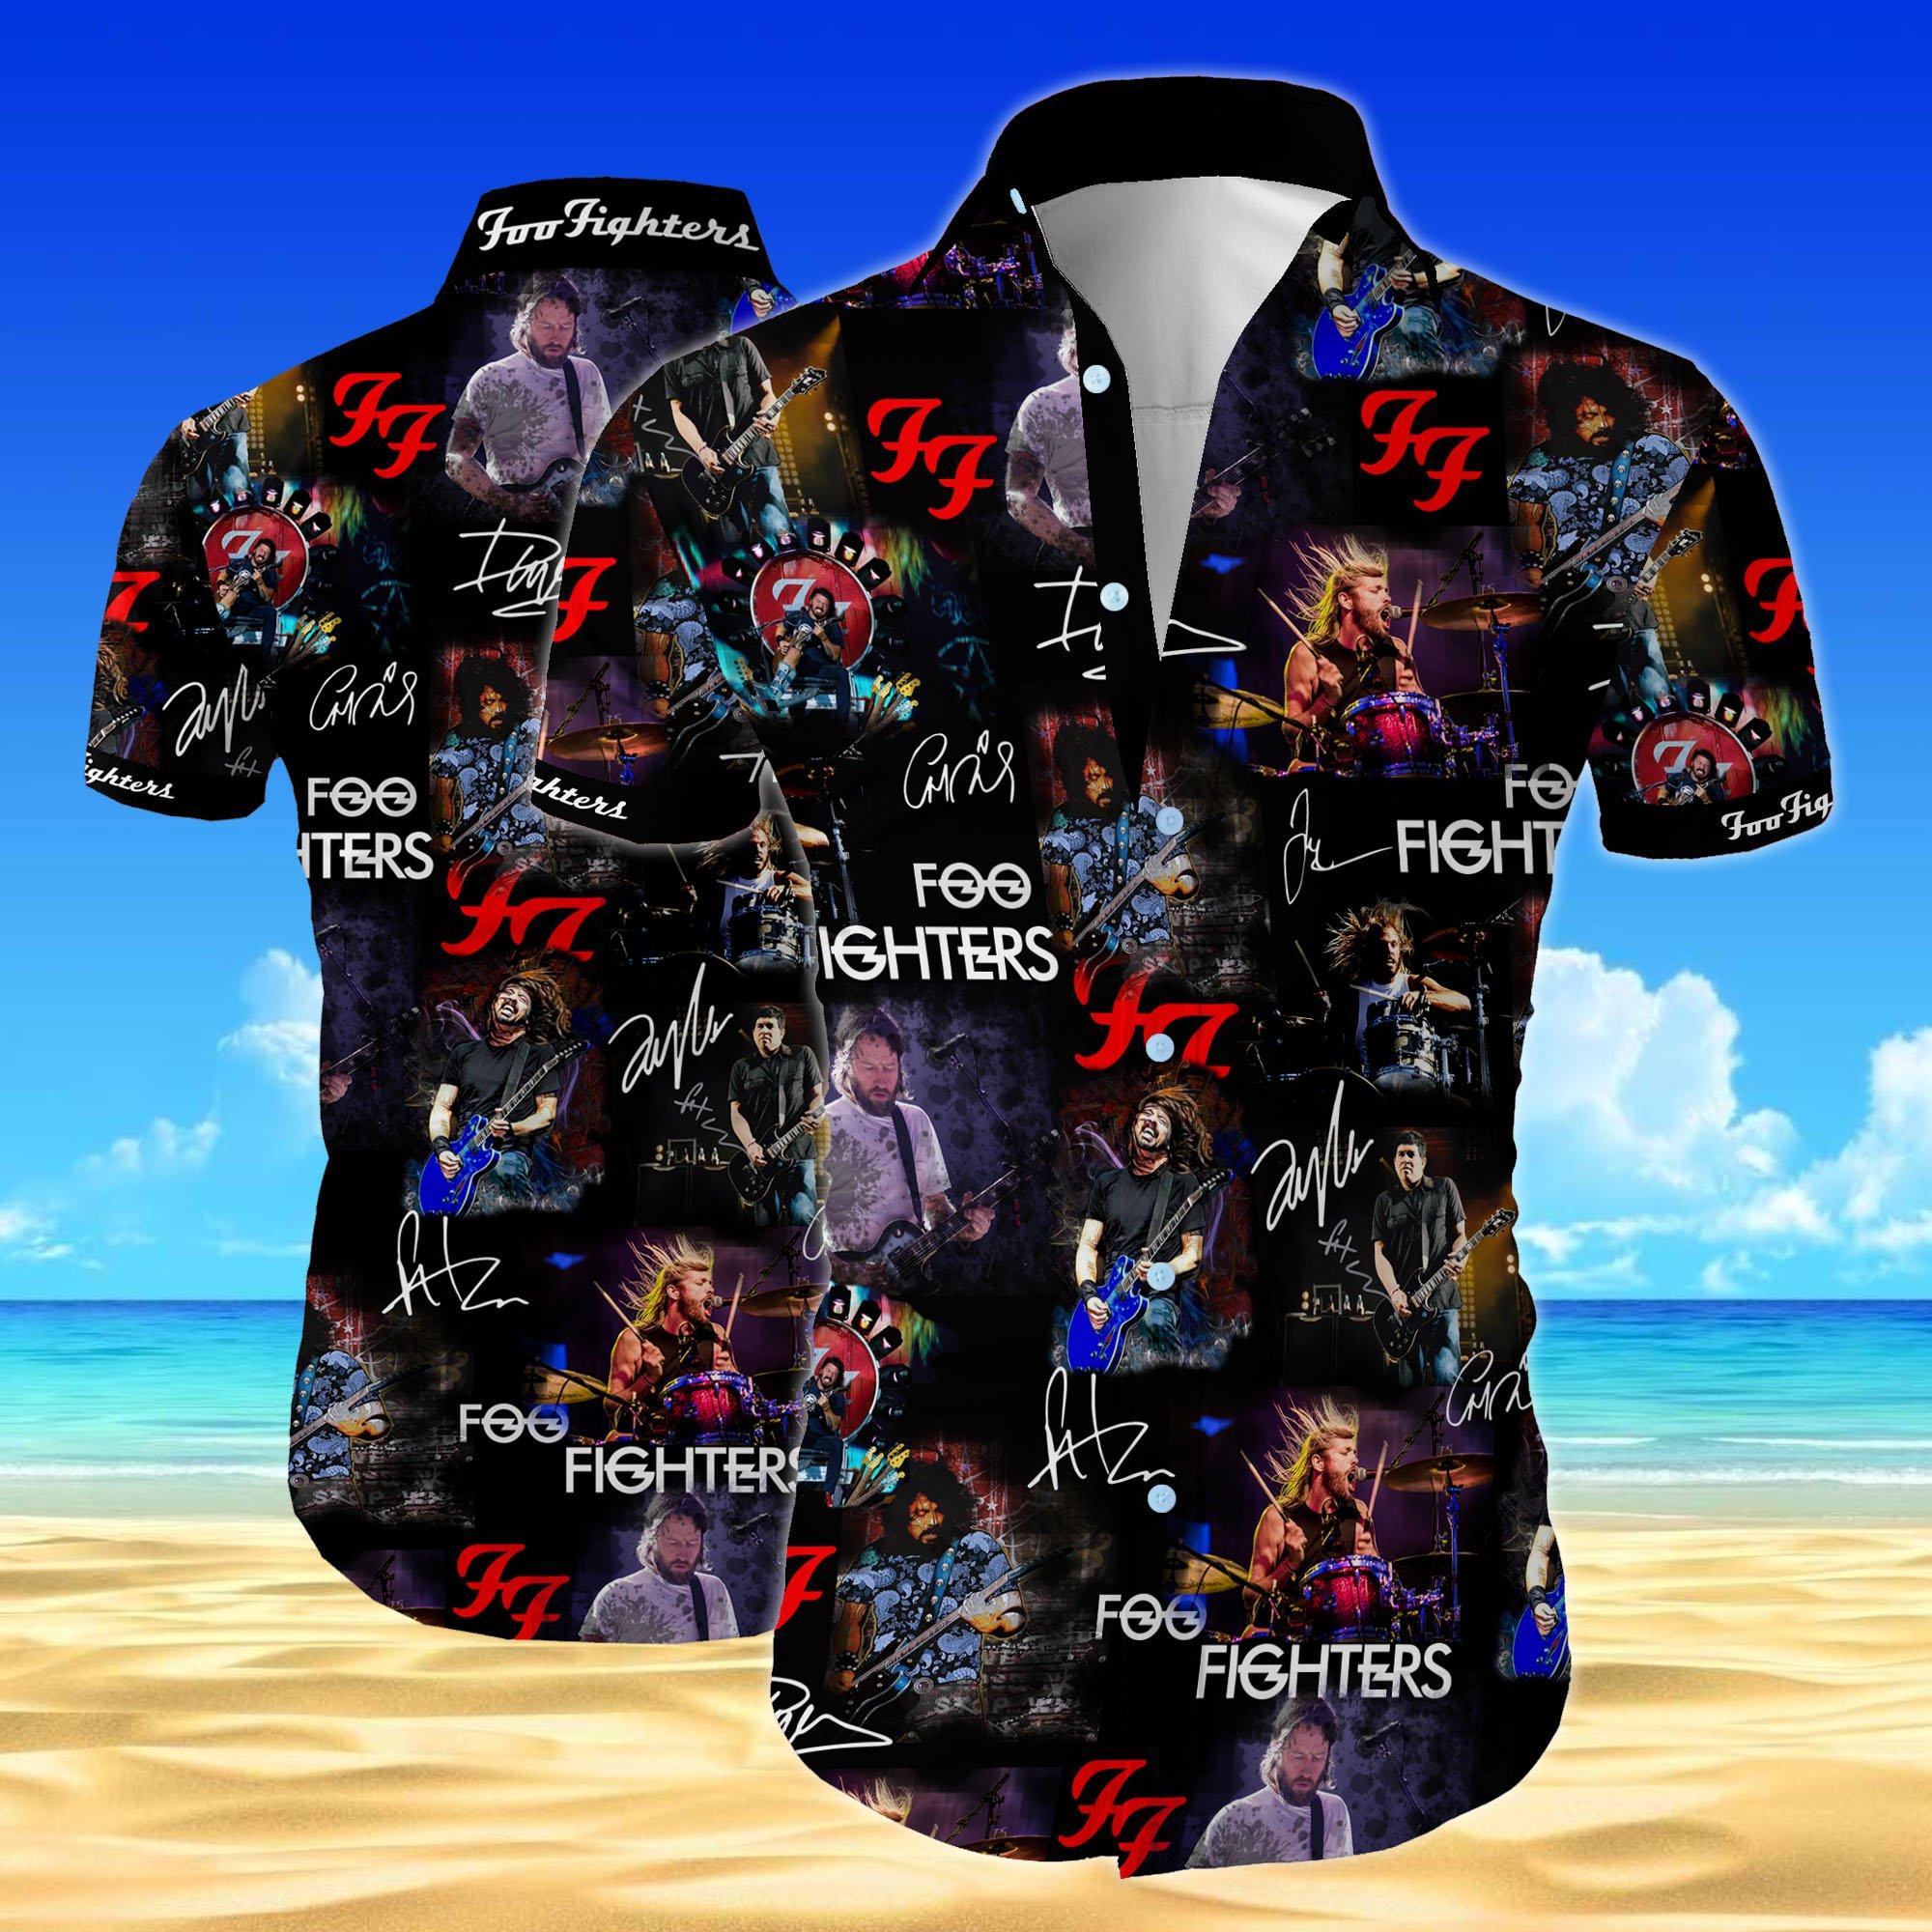 Foo fighters all over printed hawaiian shirt 2